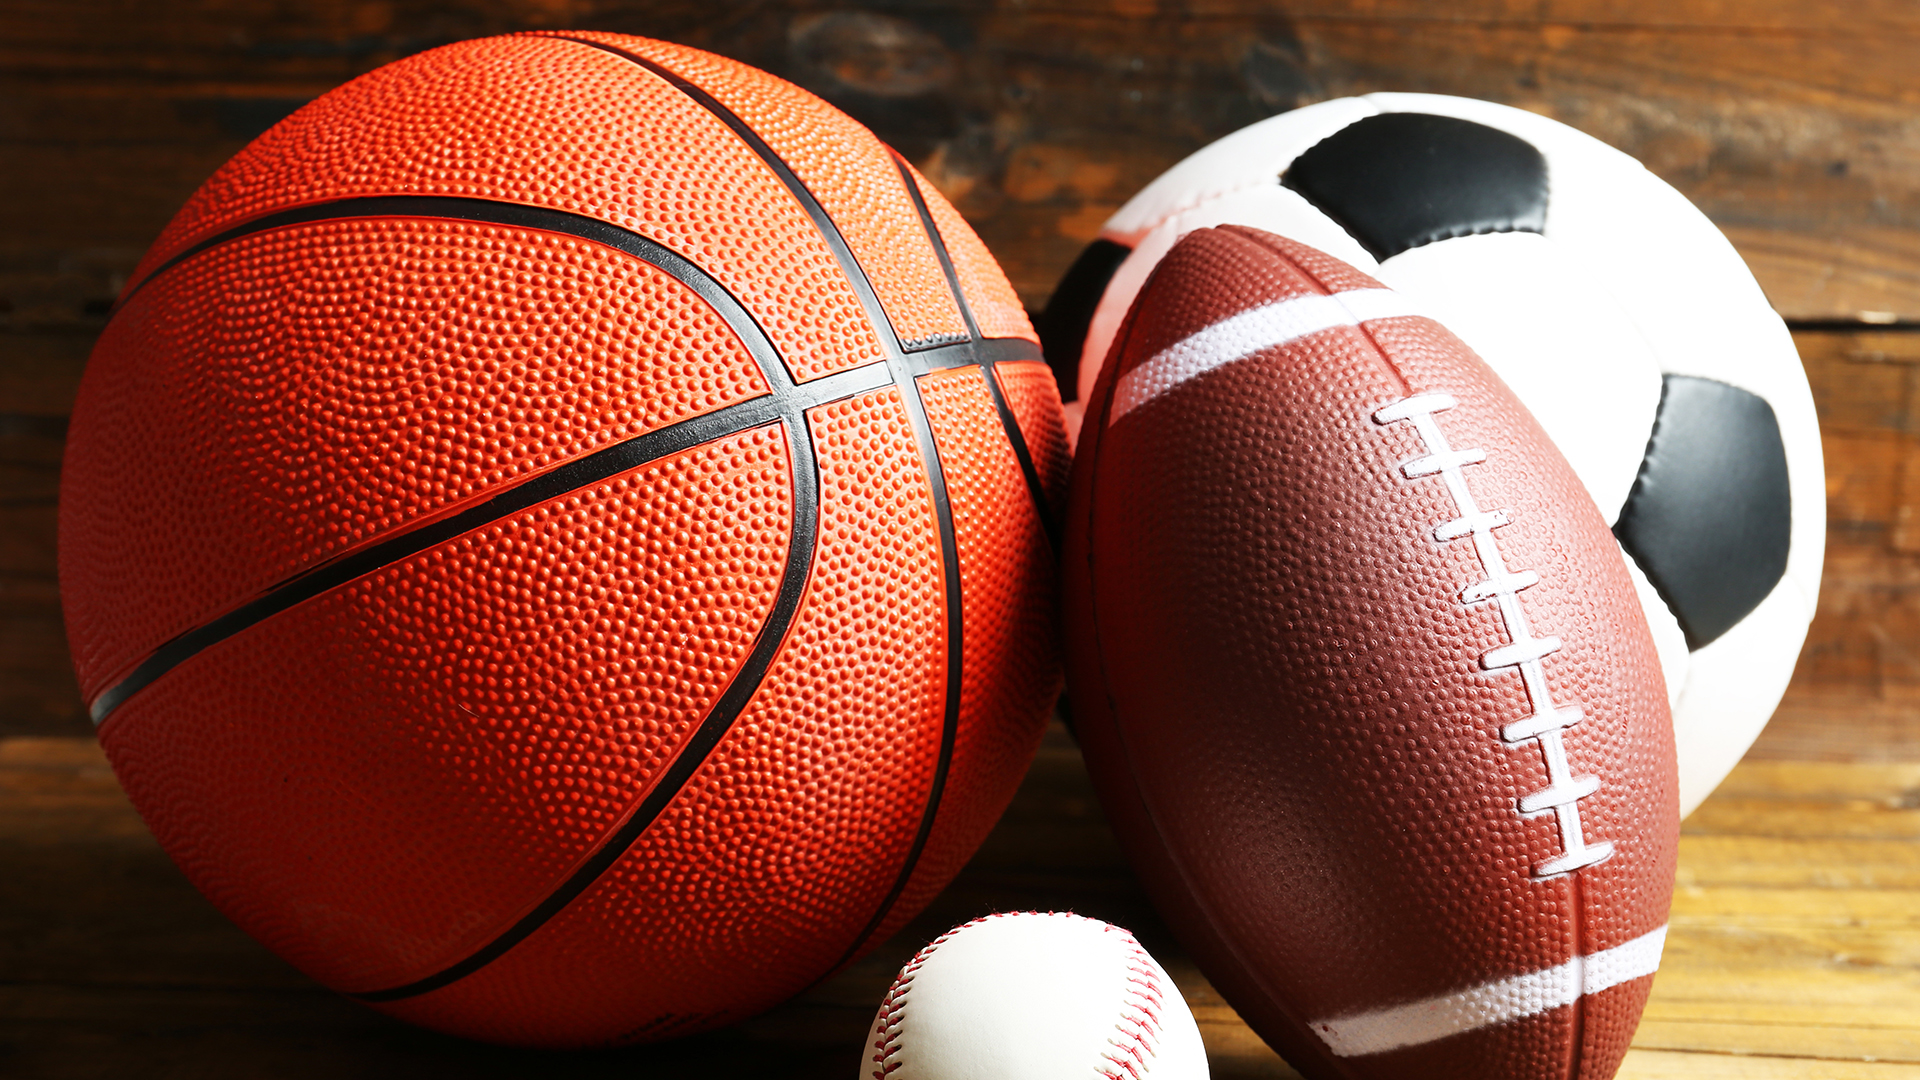 Basketball, baseball, football, and soccer